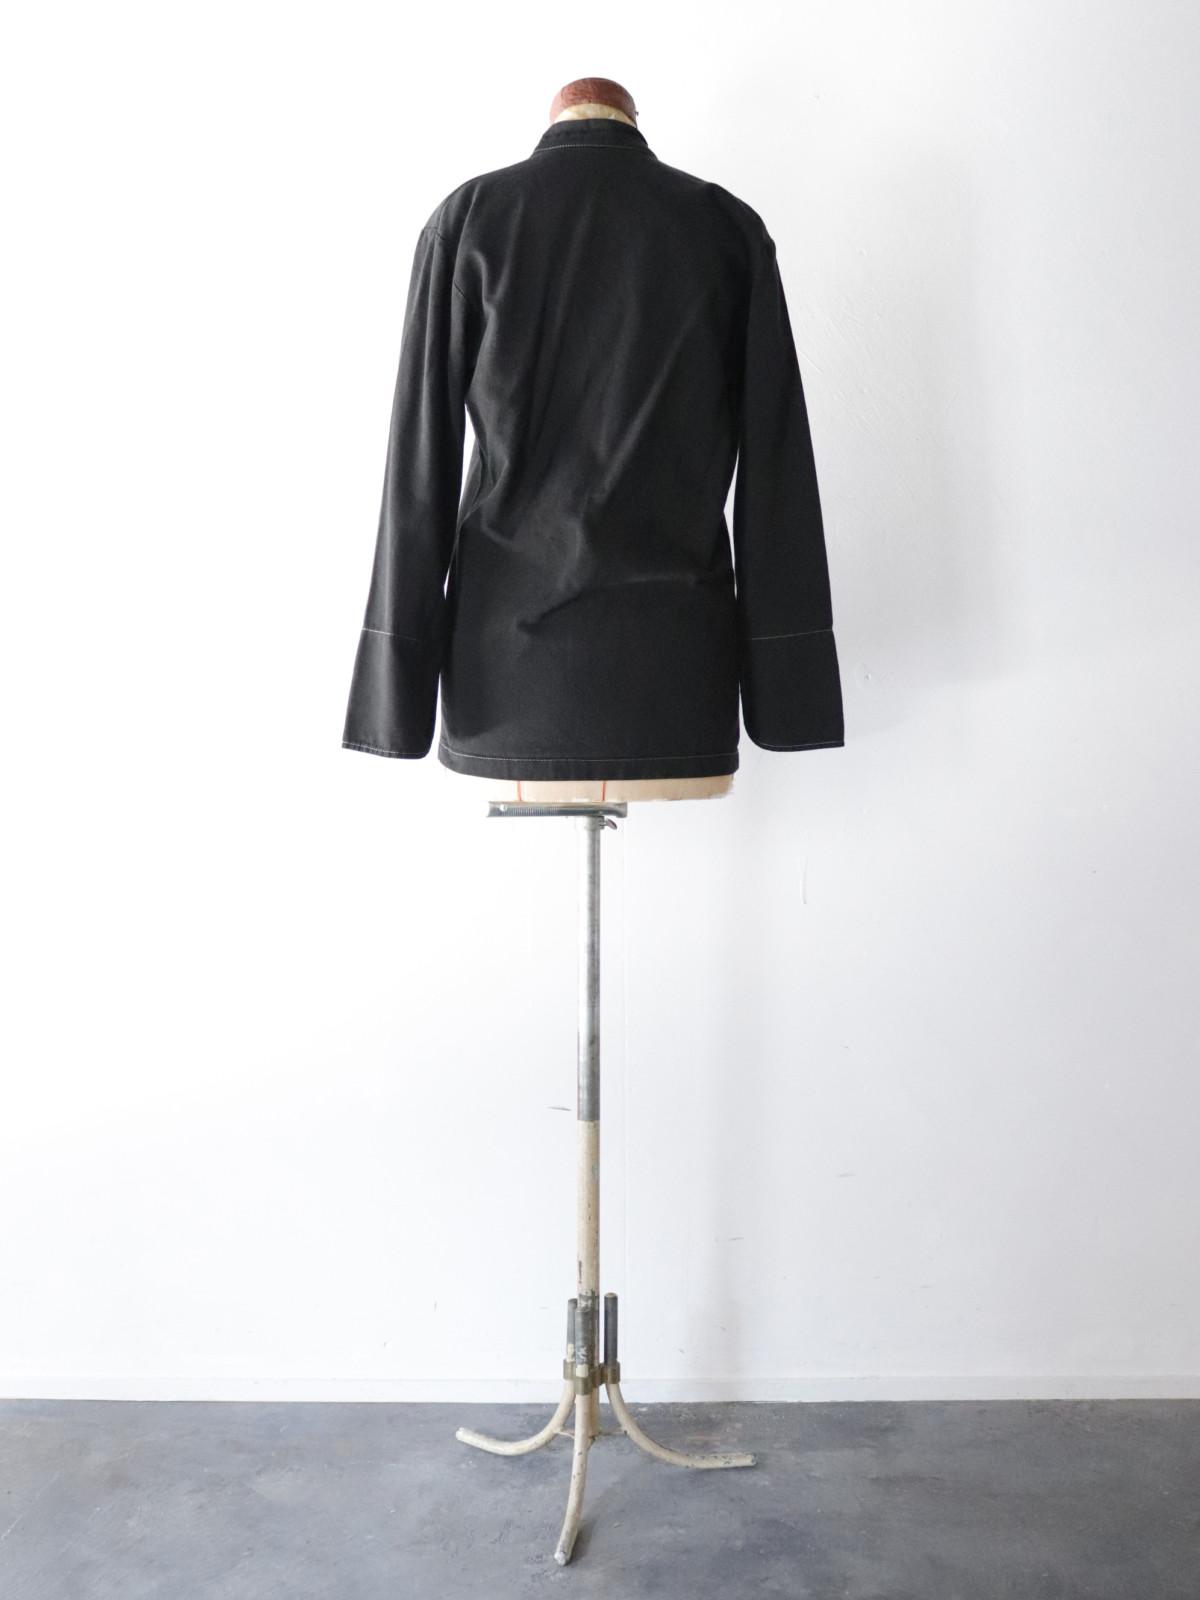 Black-dyed , cook jacket, France